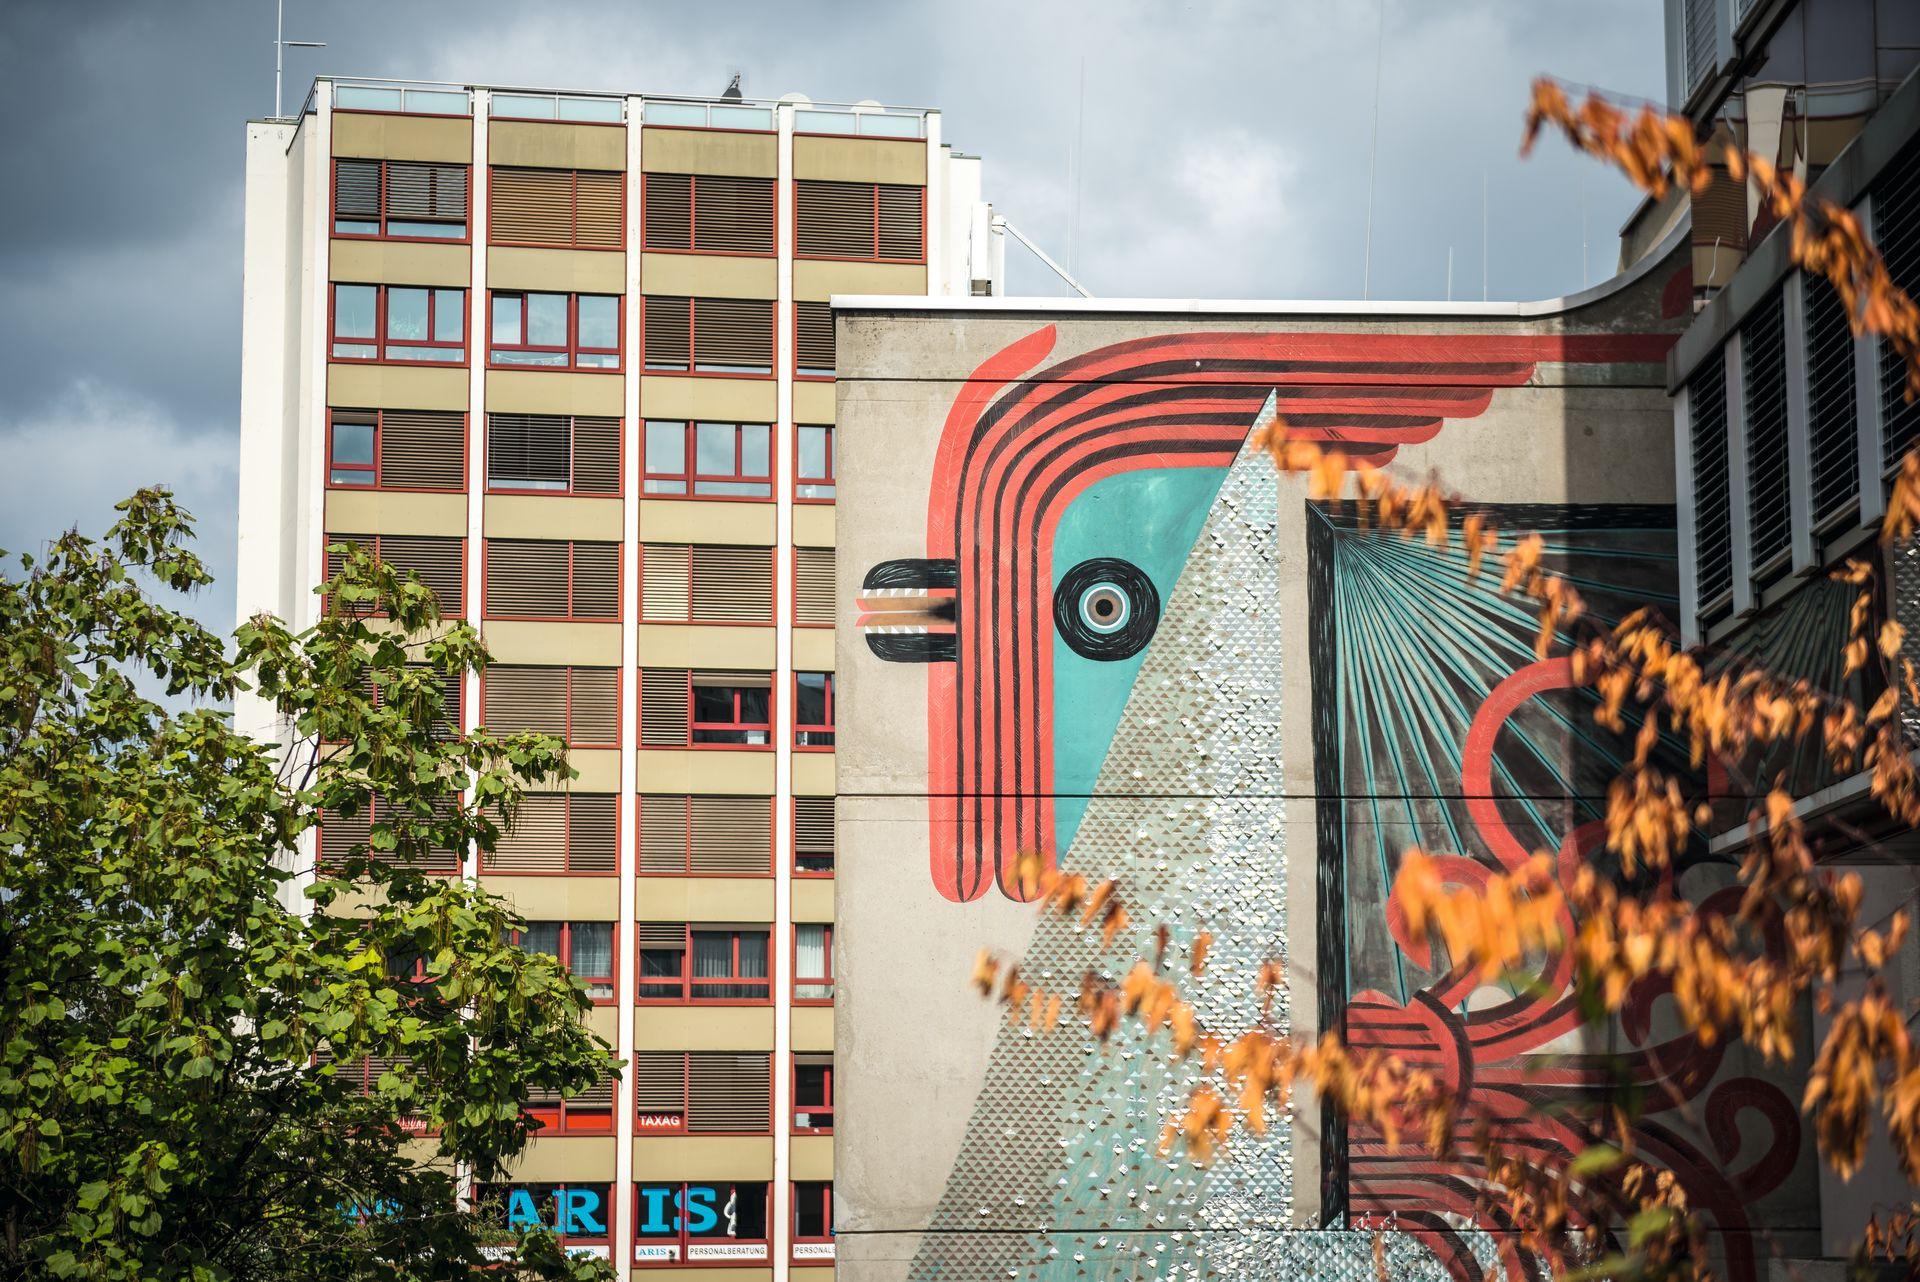 L'artiste suisse de graffiti et de street art Tika s'est fait un nom à l'international avec des peintures de grandes dimensions. Ici, à Heuwaage, elle a peint un immense coq aux couleurs éclatantes, ou plus exactement un basilic, l'animal héraldique qui figure sur le blason de Bâle.